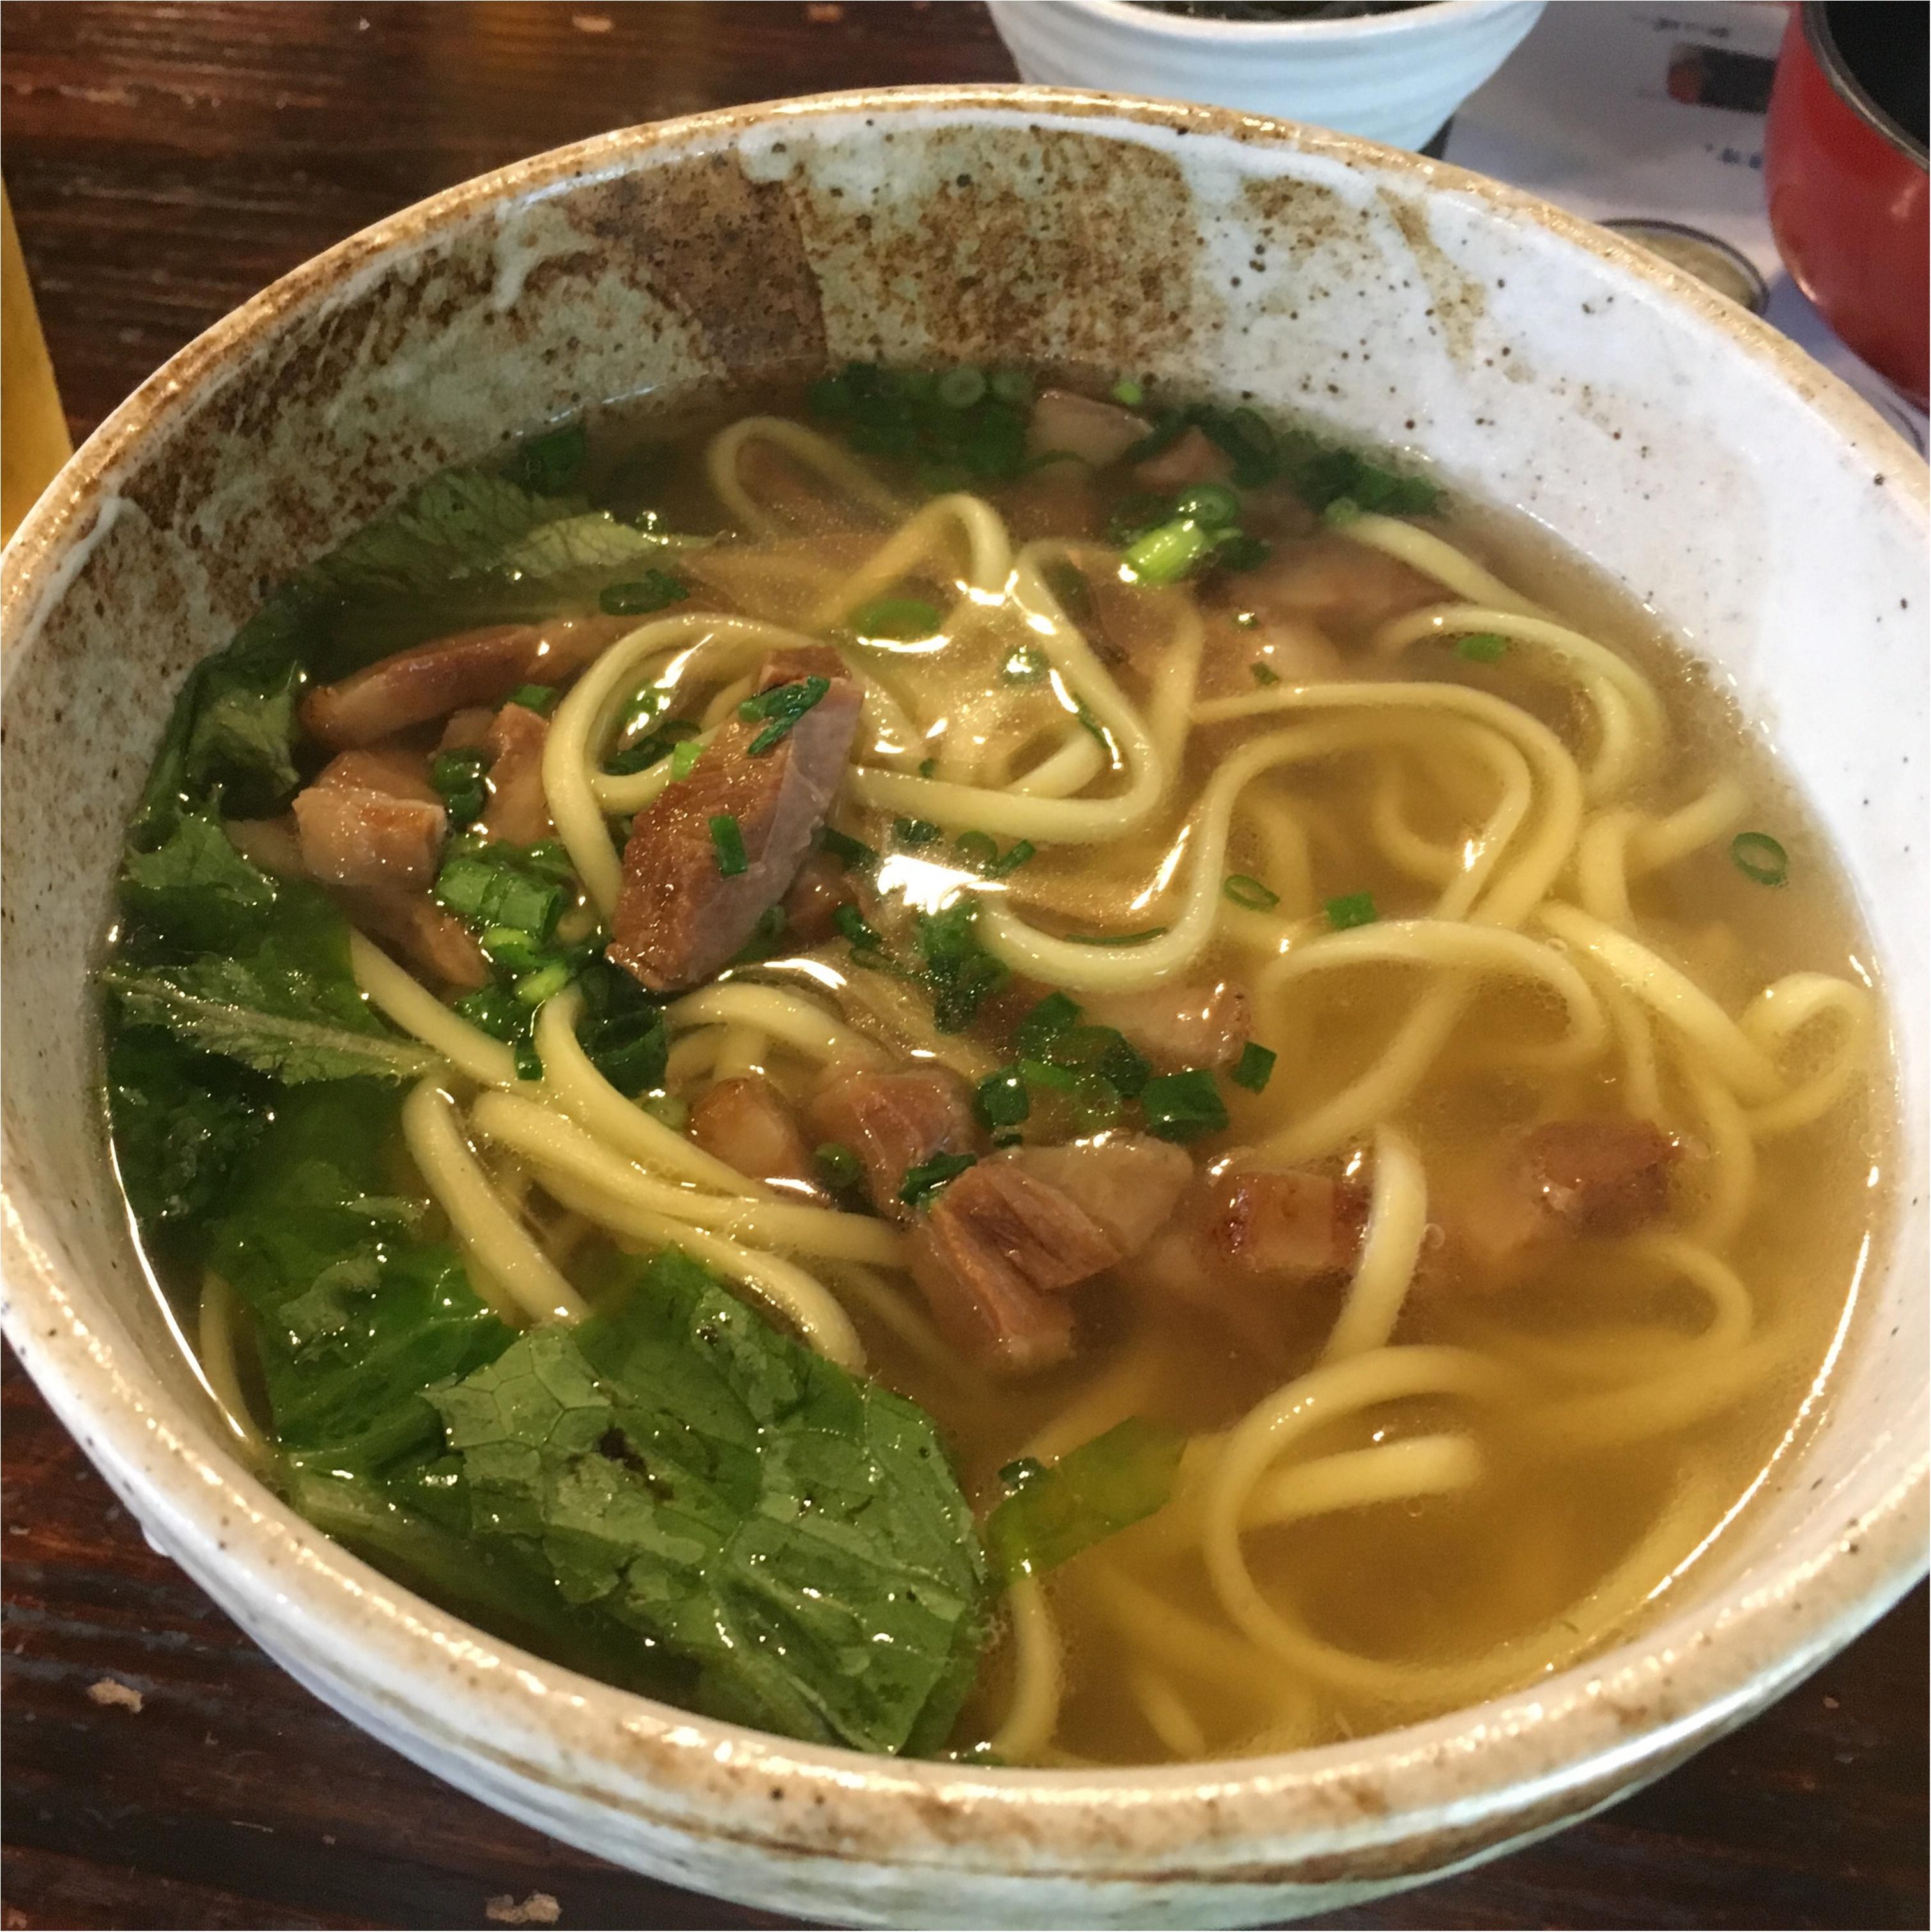 【TRIP】石垣島で美味しかった食べ物たち♡_4